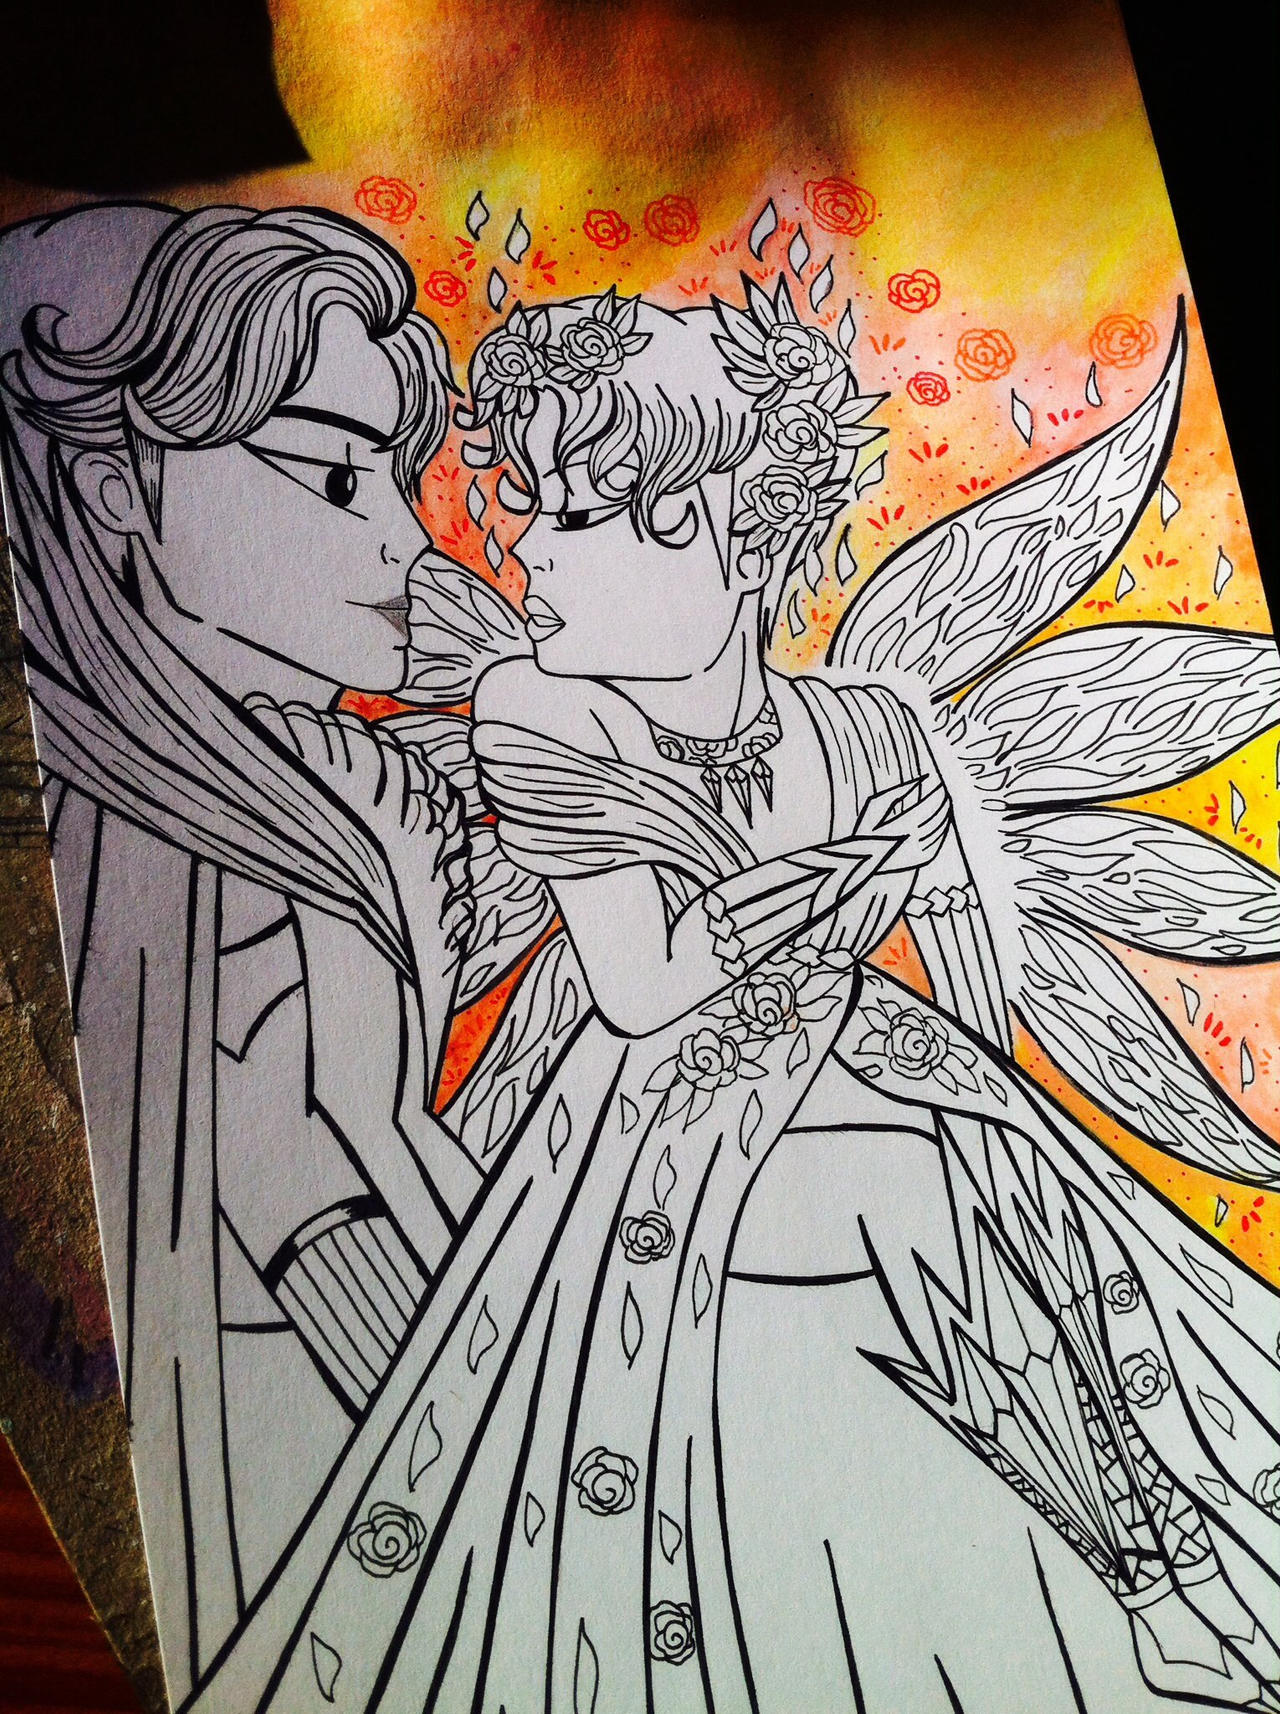 WIP Inside a fantasy- JiKook by LHLadyHalloween on DeviantArt